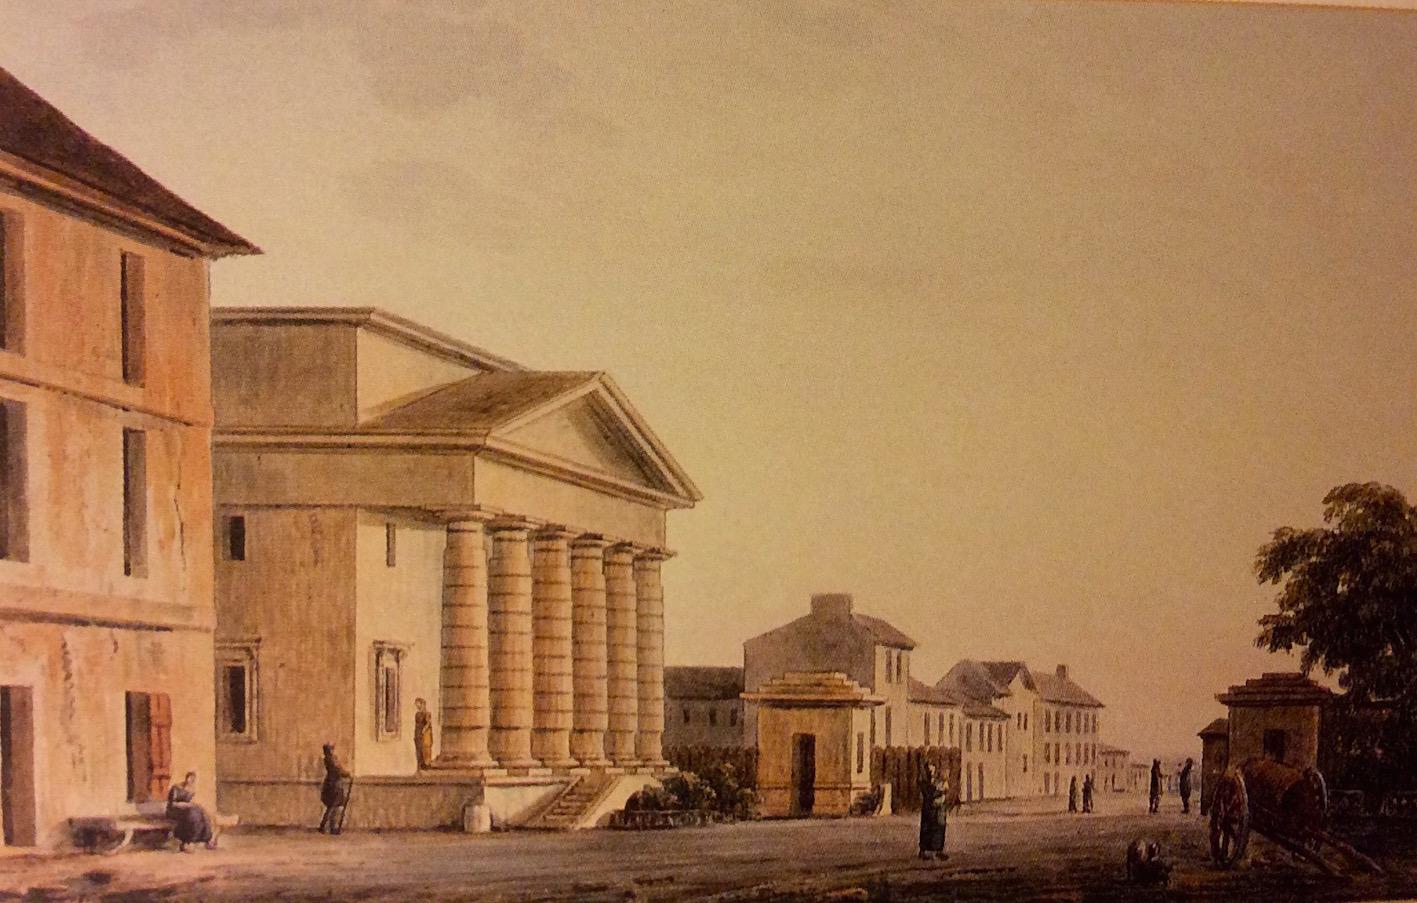 Une histoire française. Paris, janvier 1789 - Valère Staraselski